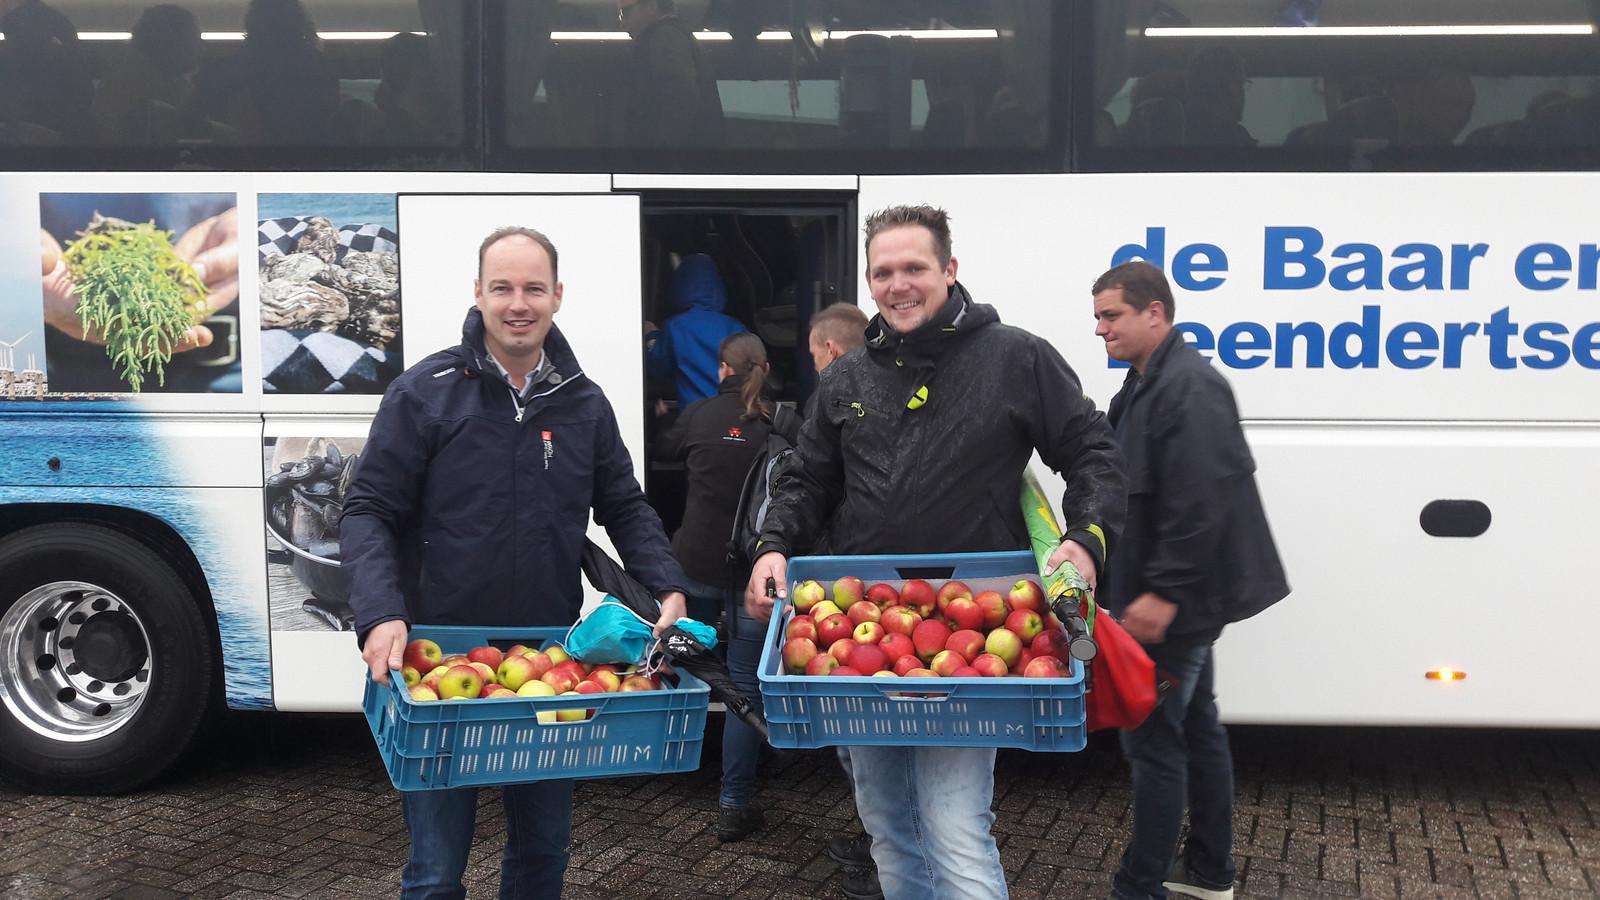 Joris Wisse en zijn collega hebben appels meegenomen voor onderweg. Tweehonderd Zeeuwen reisden vandaag met bussen naar Den Haag.